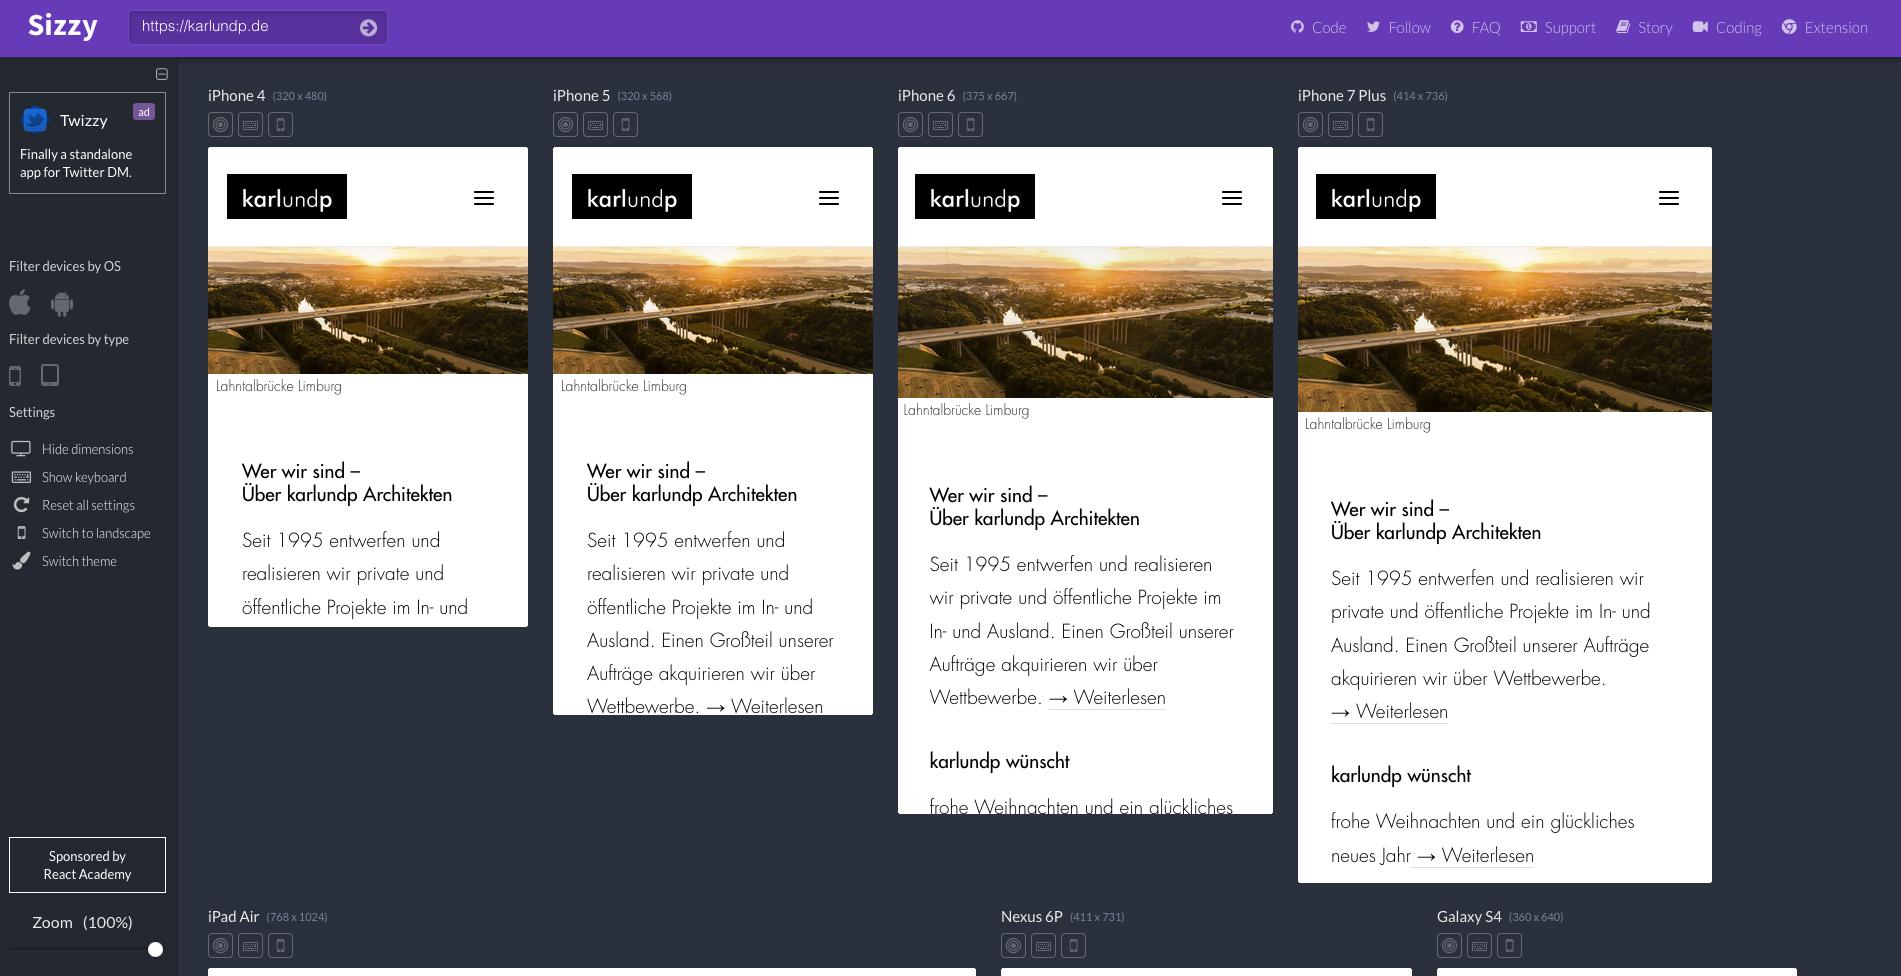 """Ist Ihre Büro-Website """"responsive"""" - Test der unterschiedlichen Bildschirmgrößen auf sizzy.co"""